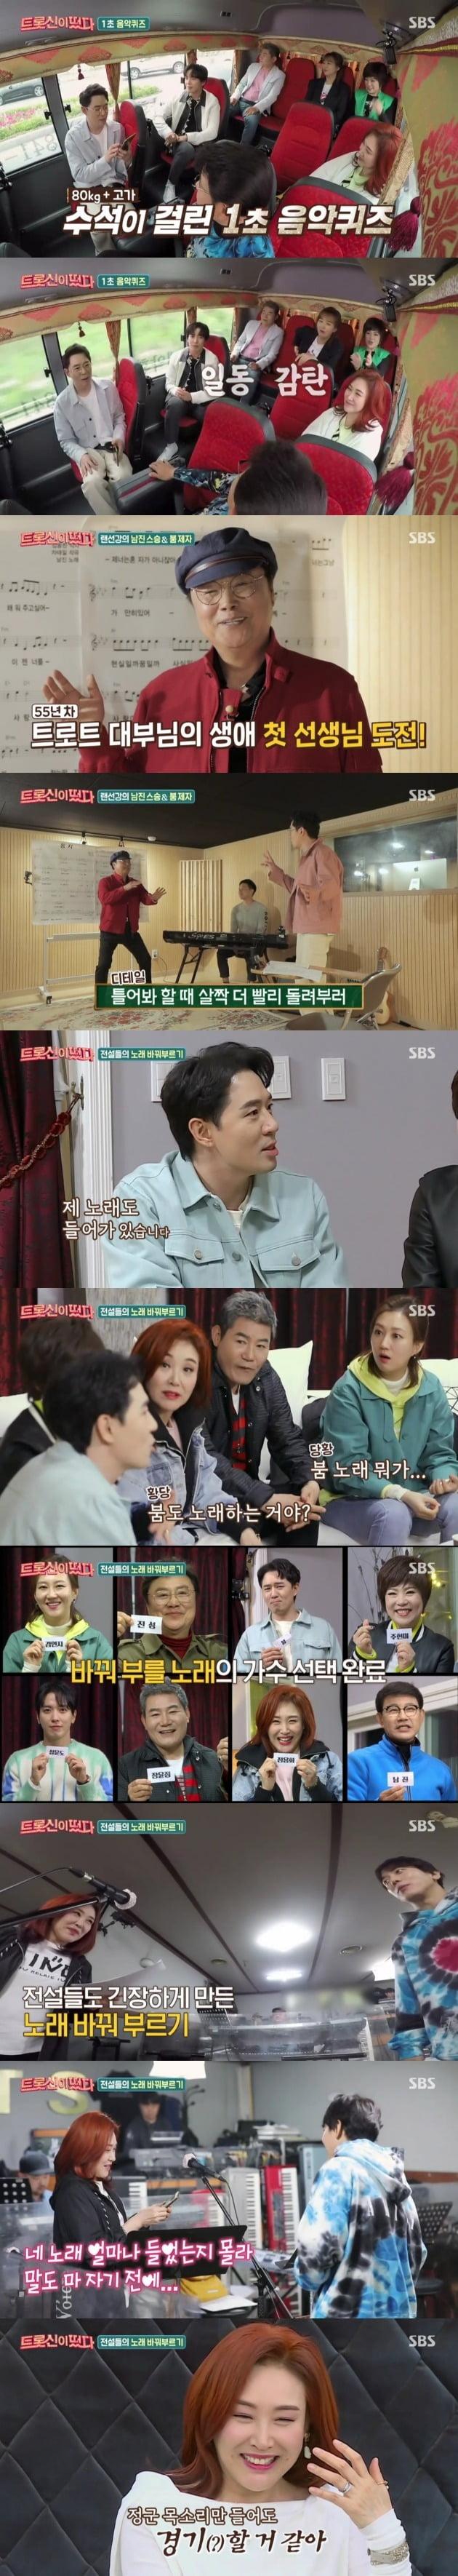 사진=SBS '트롯신이 떴다' 방송 캡처